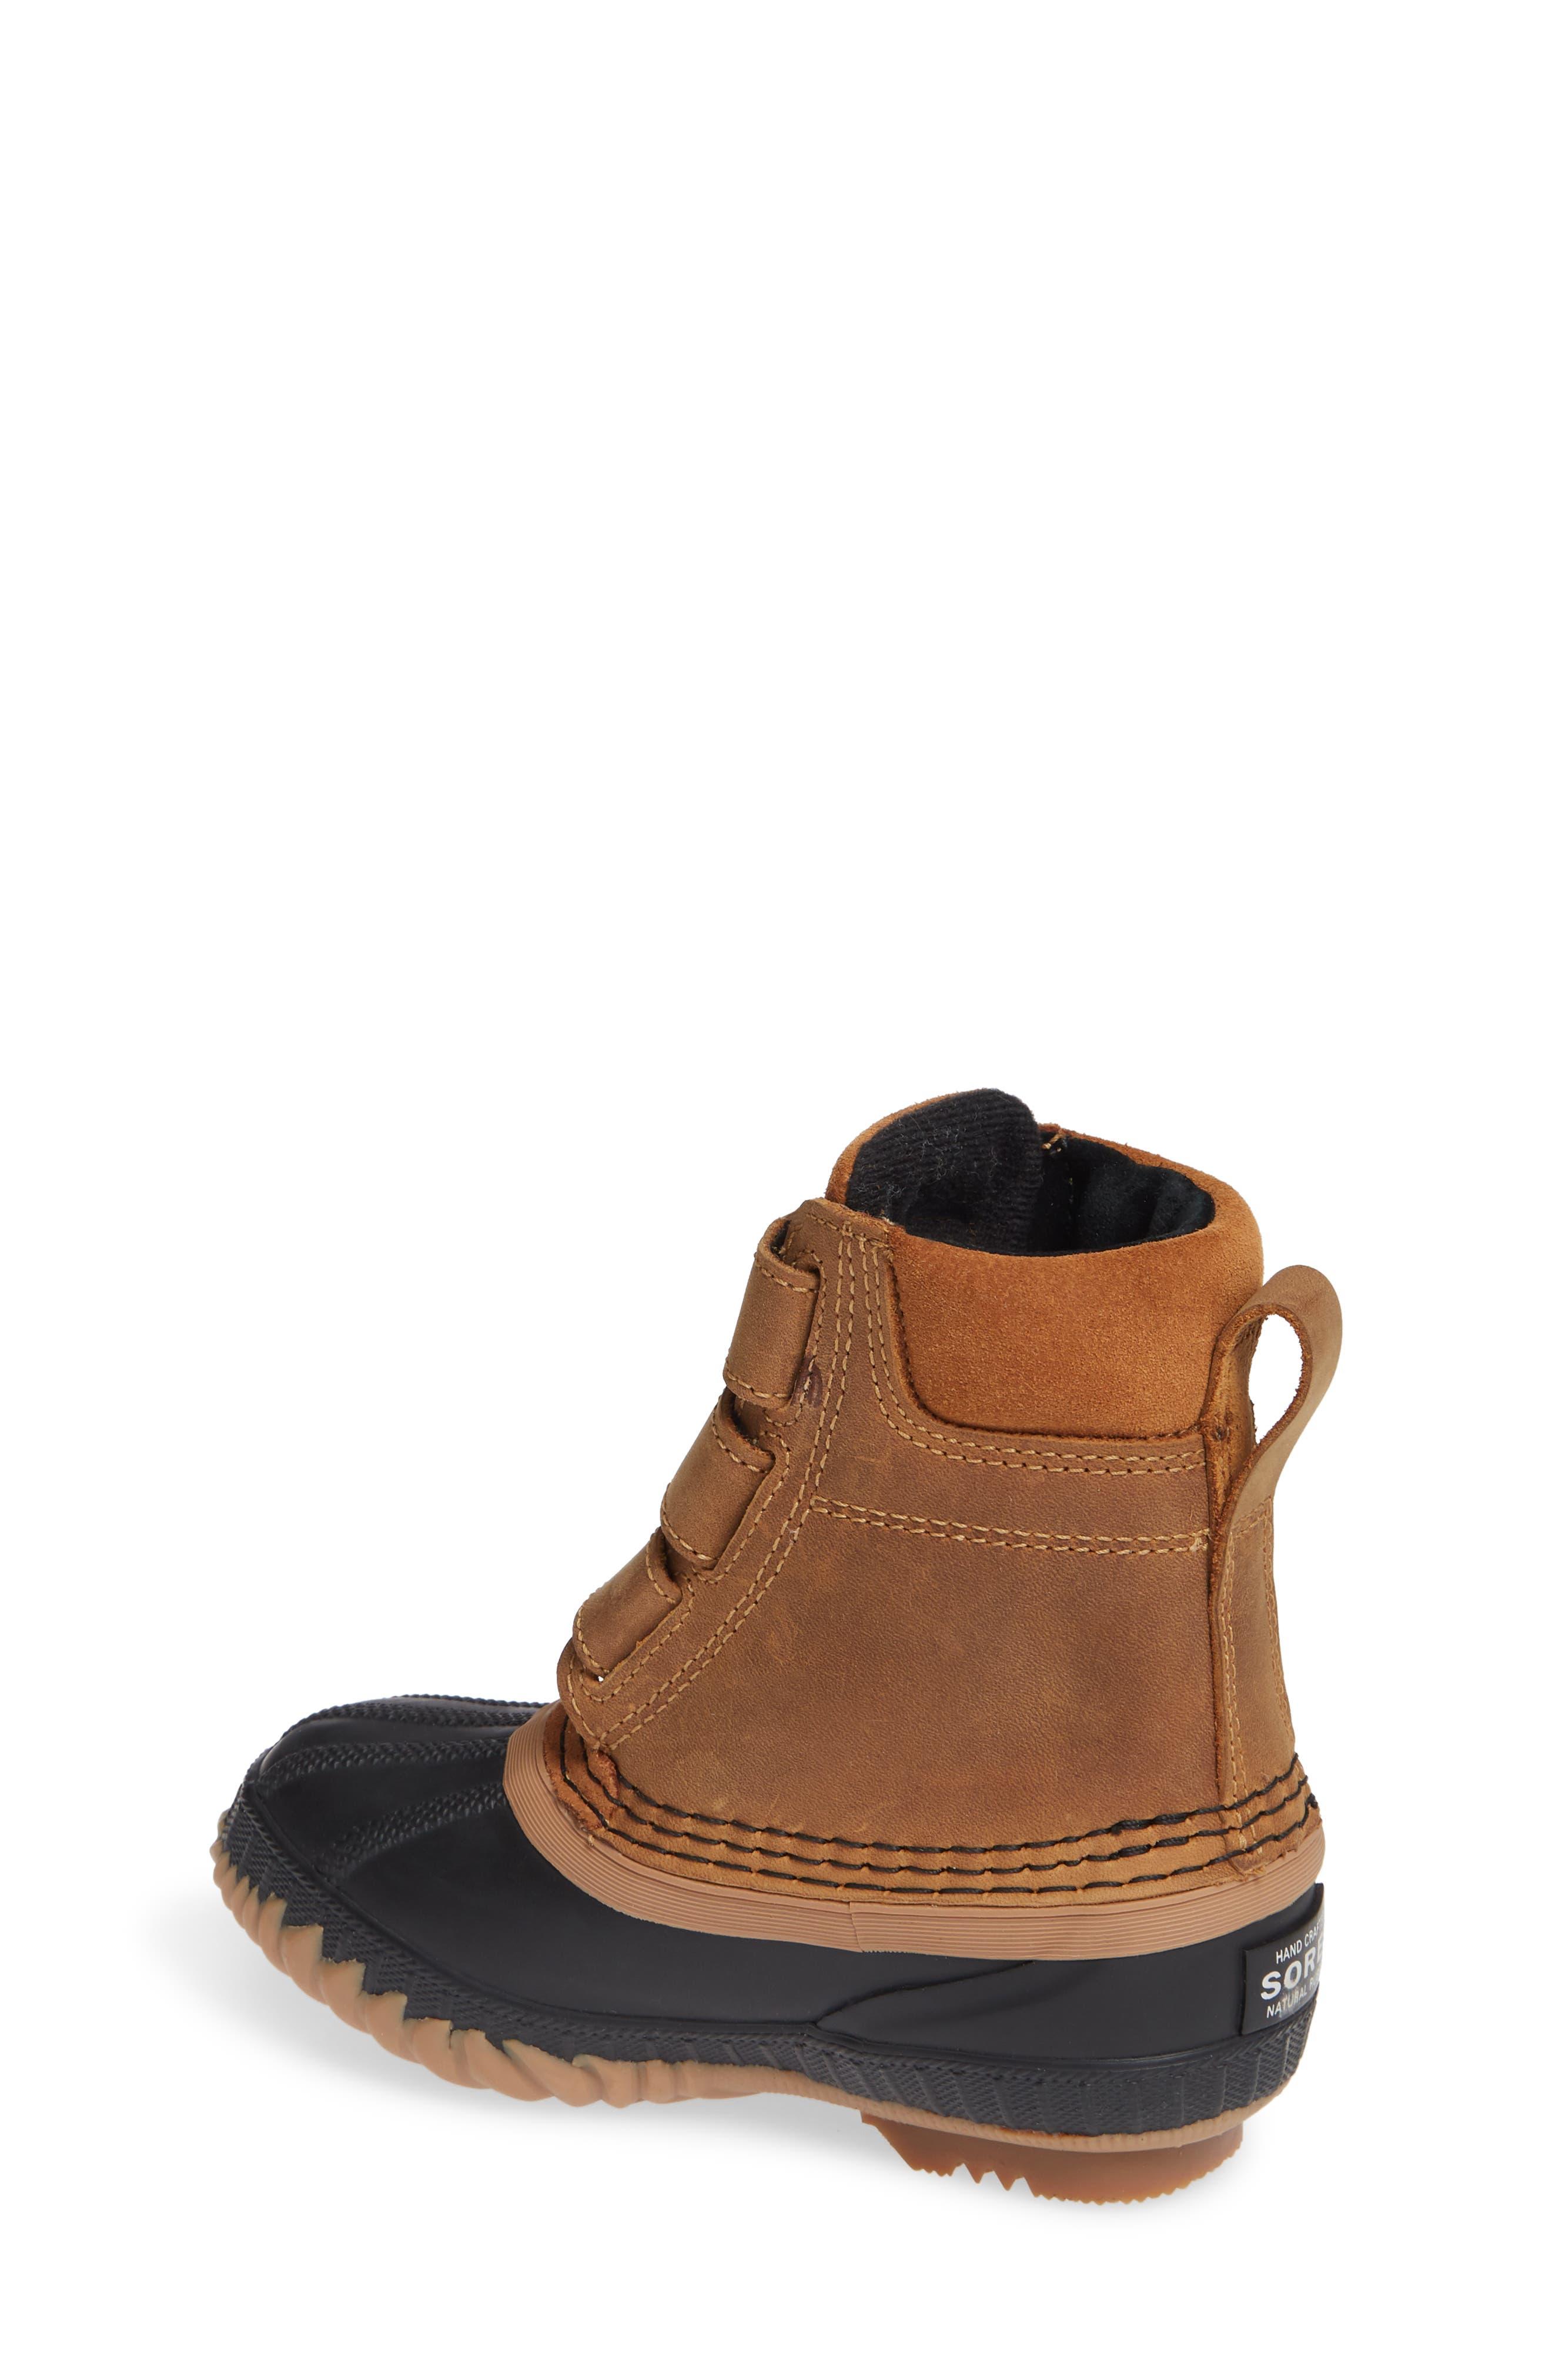 Cheyanne<sup>™</sup> II Waterproof Boot,                             Alternate thumbnail 2, color,                             ELK/ BLACK